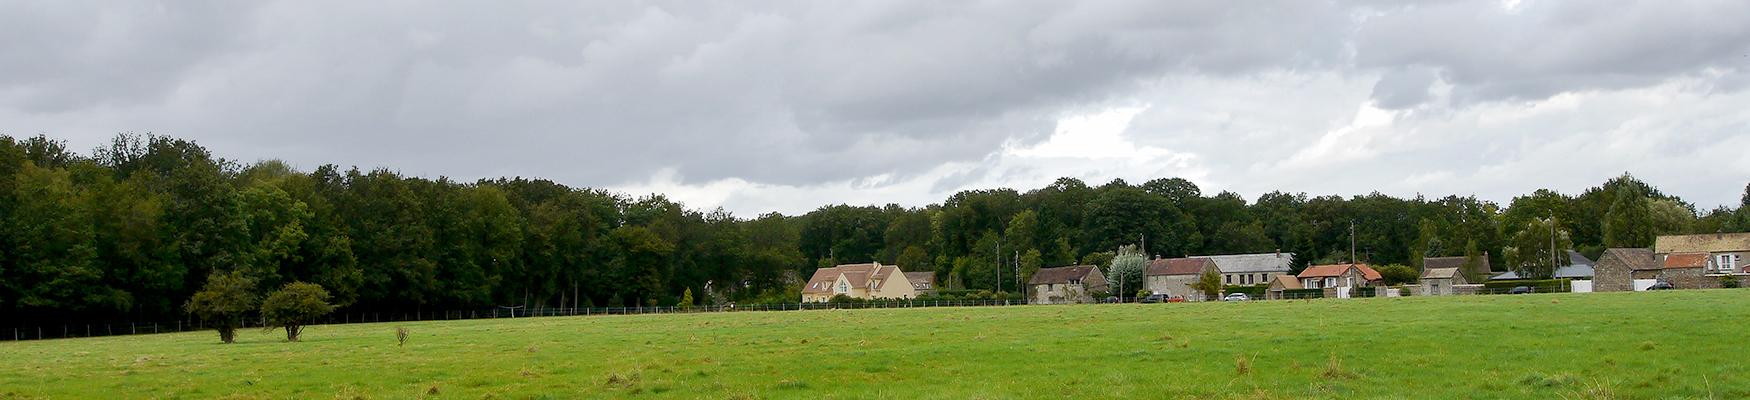 Grande longère ile de France. Yvelines. FranceMaisons-idf